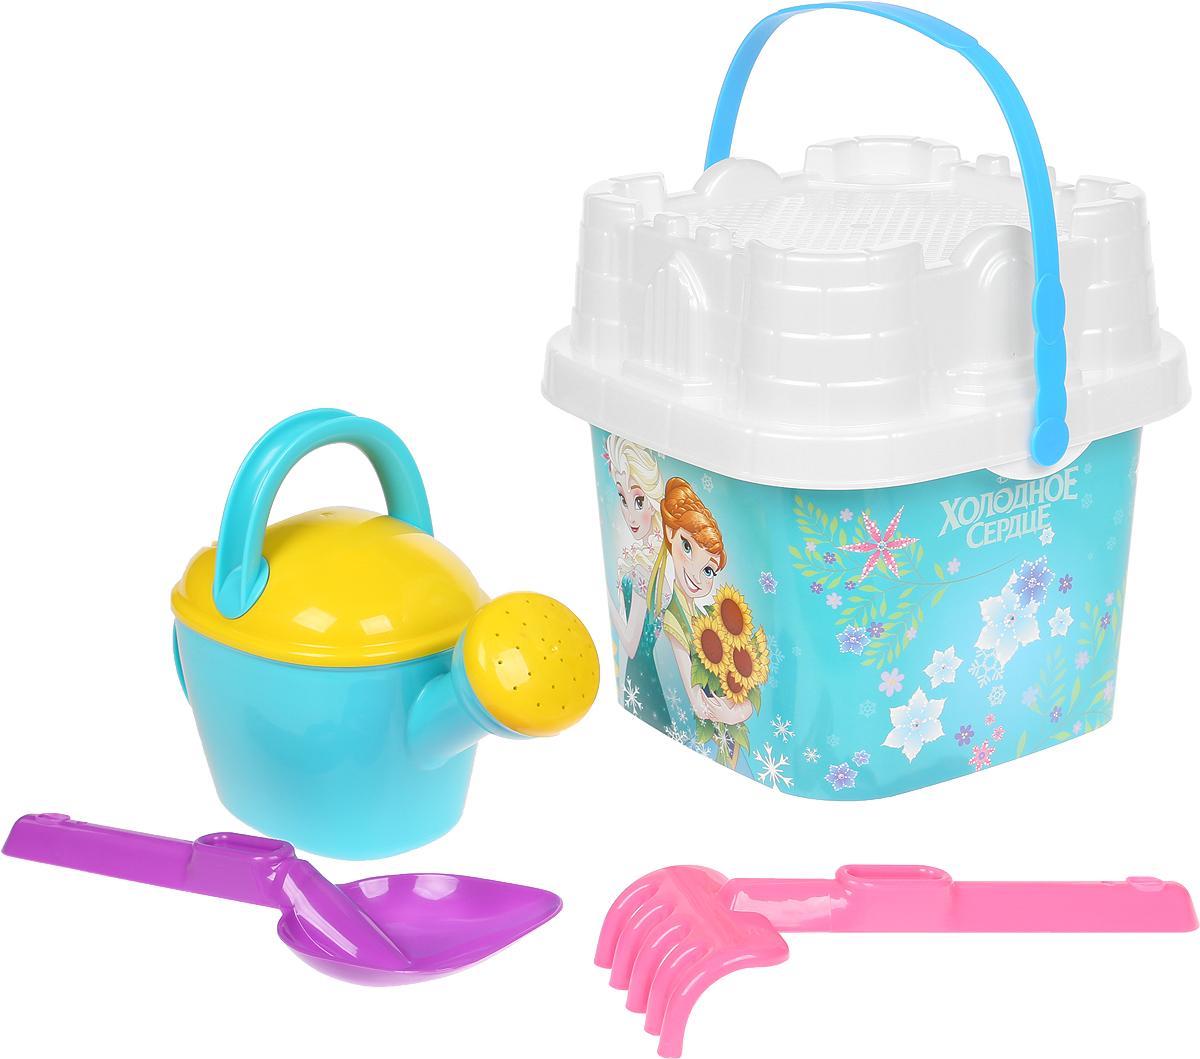 Disney Набор игрушек для песочницы Холодное сердце №18, цвет в ассортименте